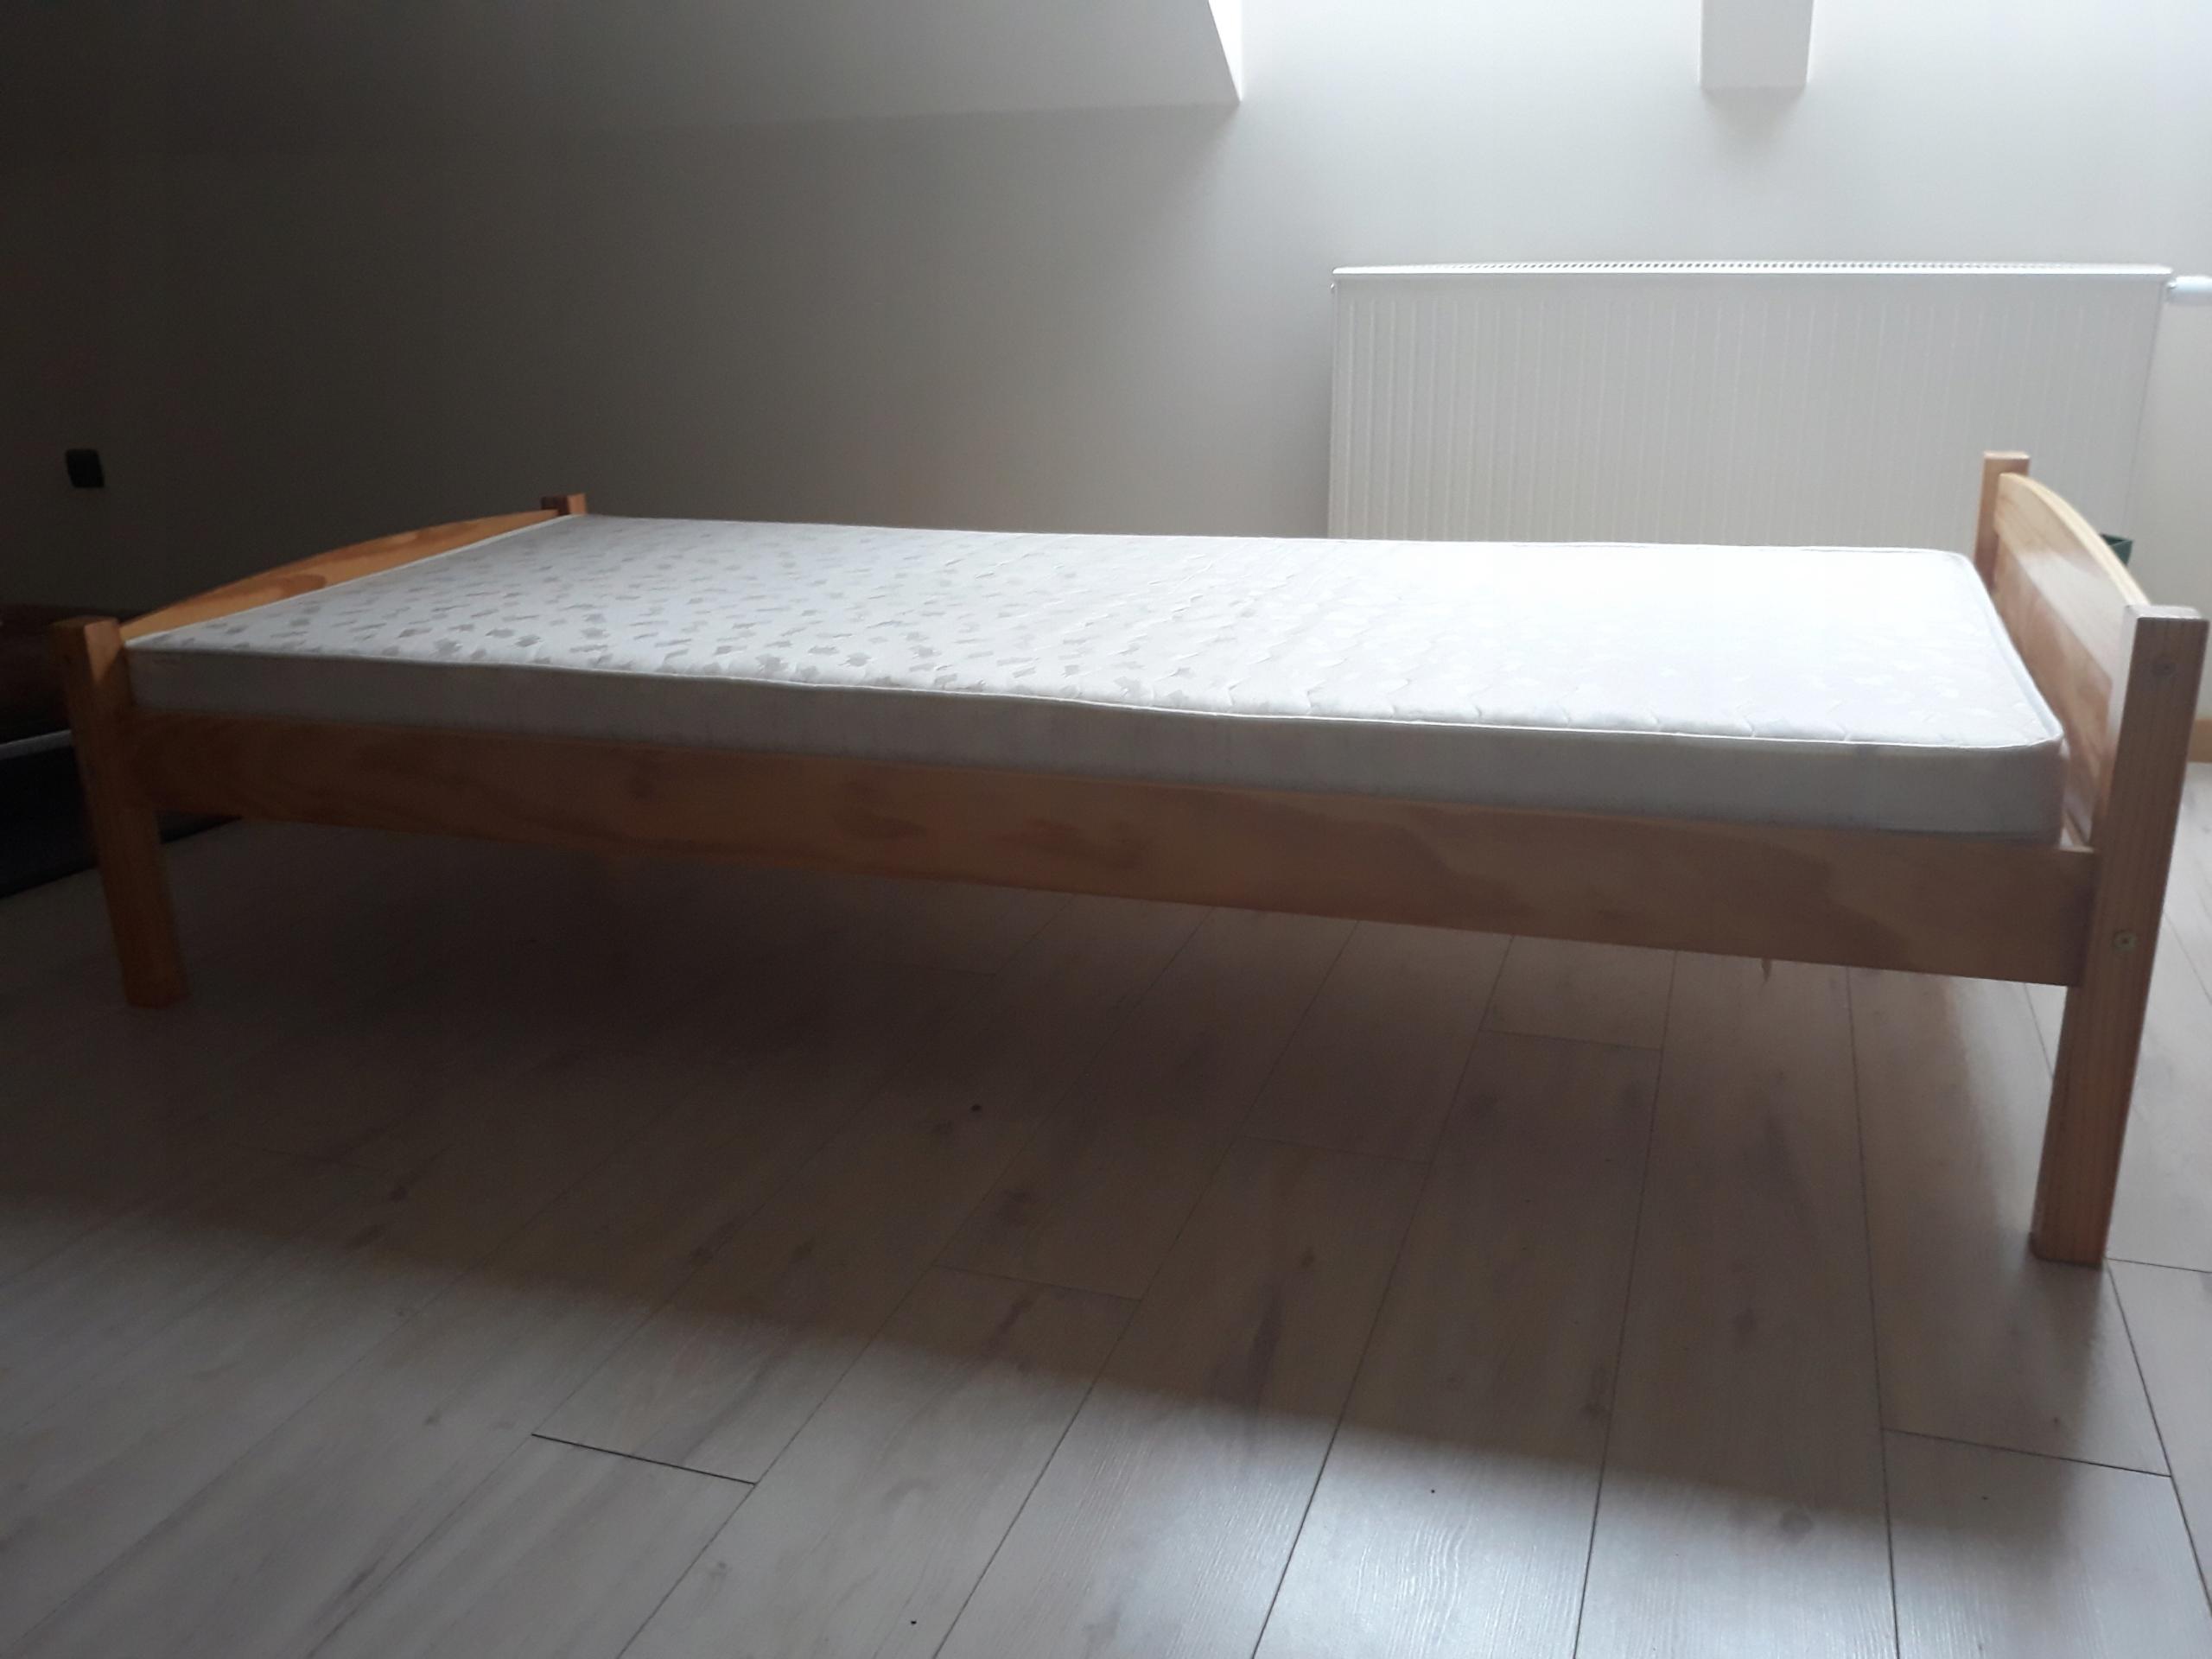 łóżko Jysk Z Materacem 90180 7887989911 Oficjalne